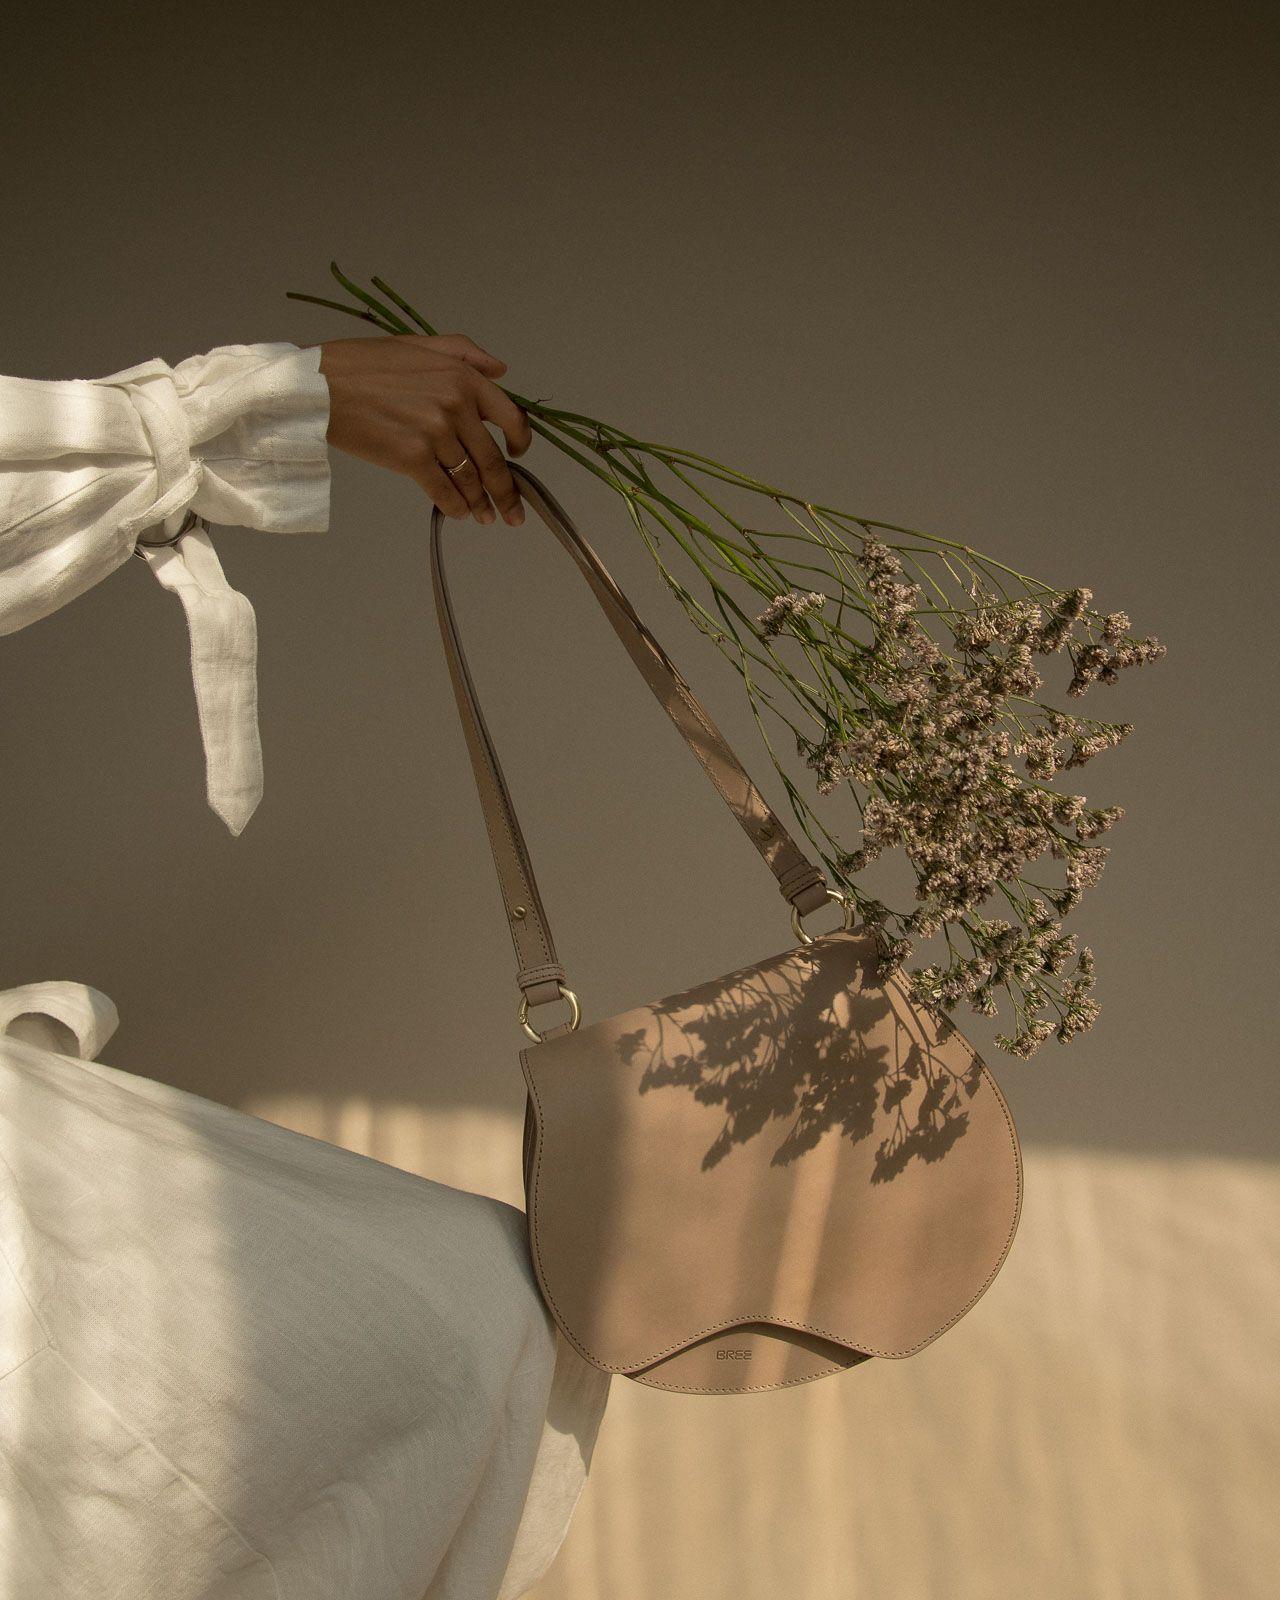 klar und unverwechselbar ungleich in der Leistung Einkaufen BREE NATURE BEAUTY bag in humus shot by MARIUS KNIELING, art ...